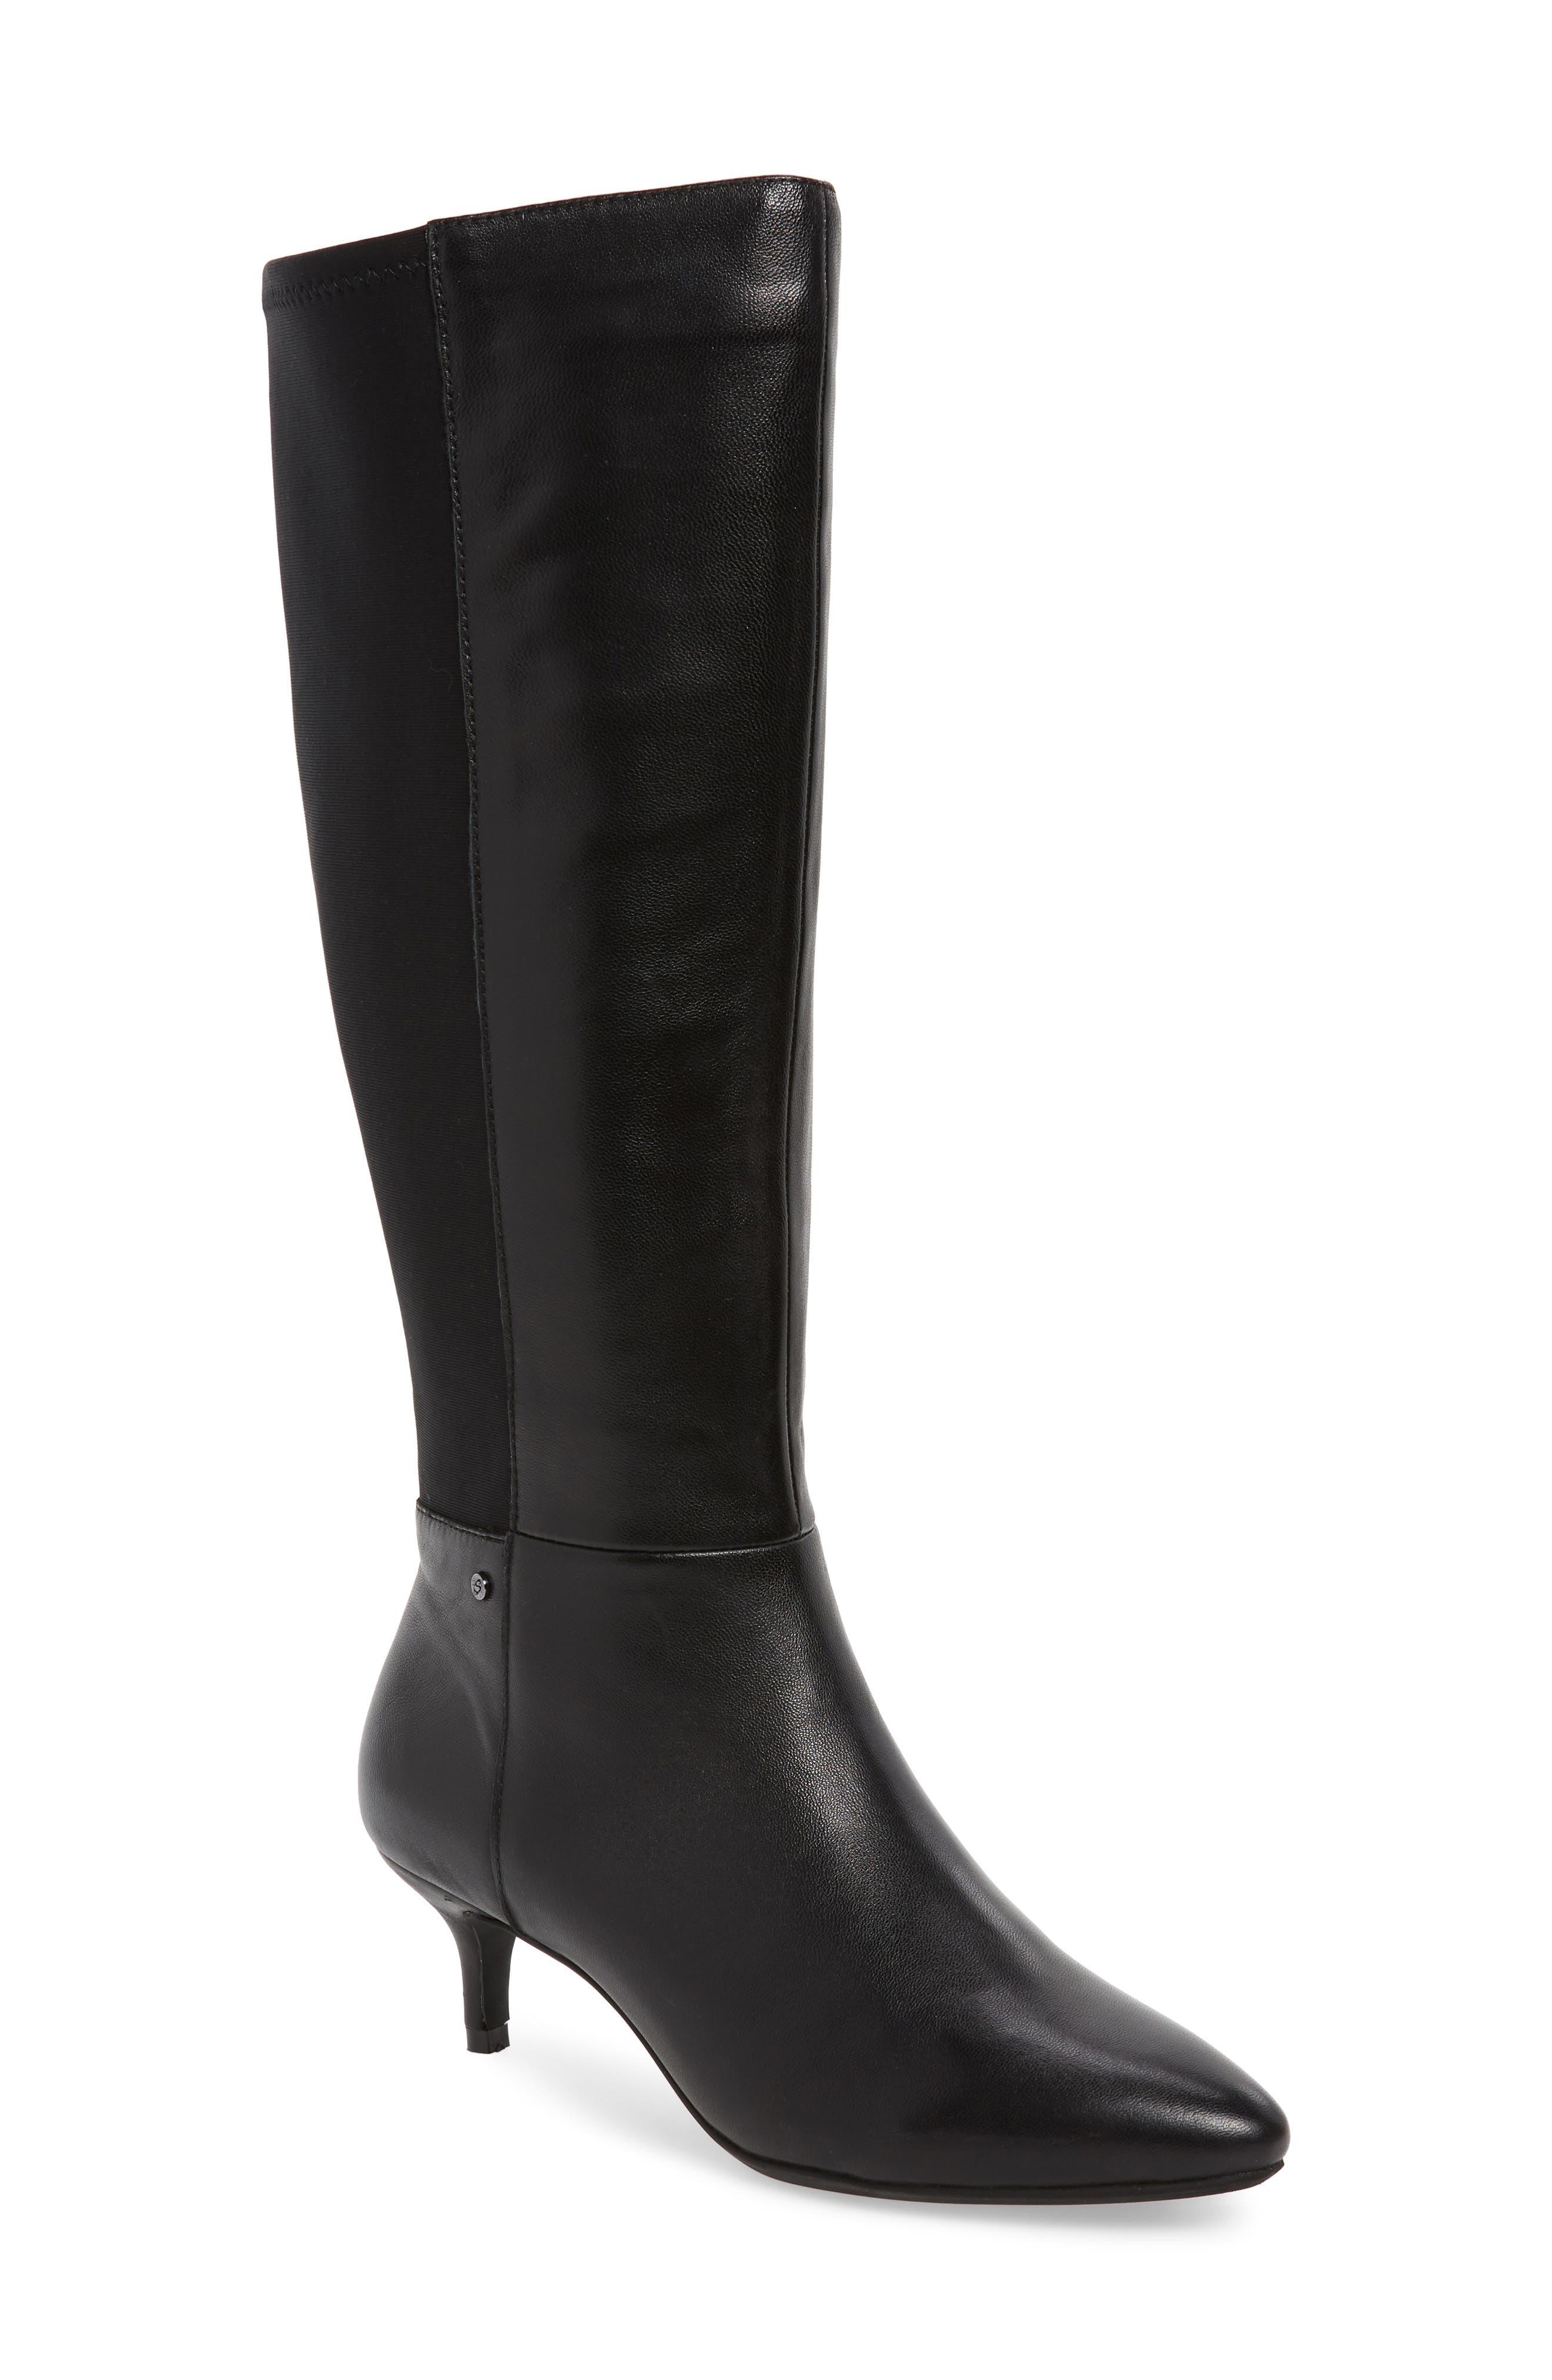 fd791c0e999 Women s Kitten Boots